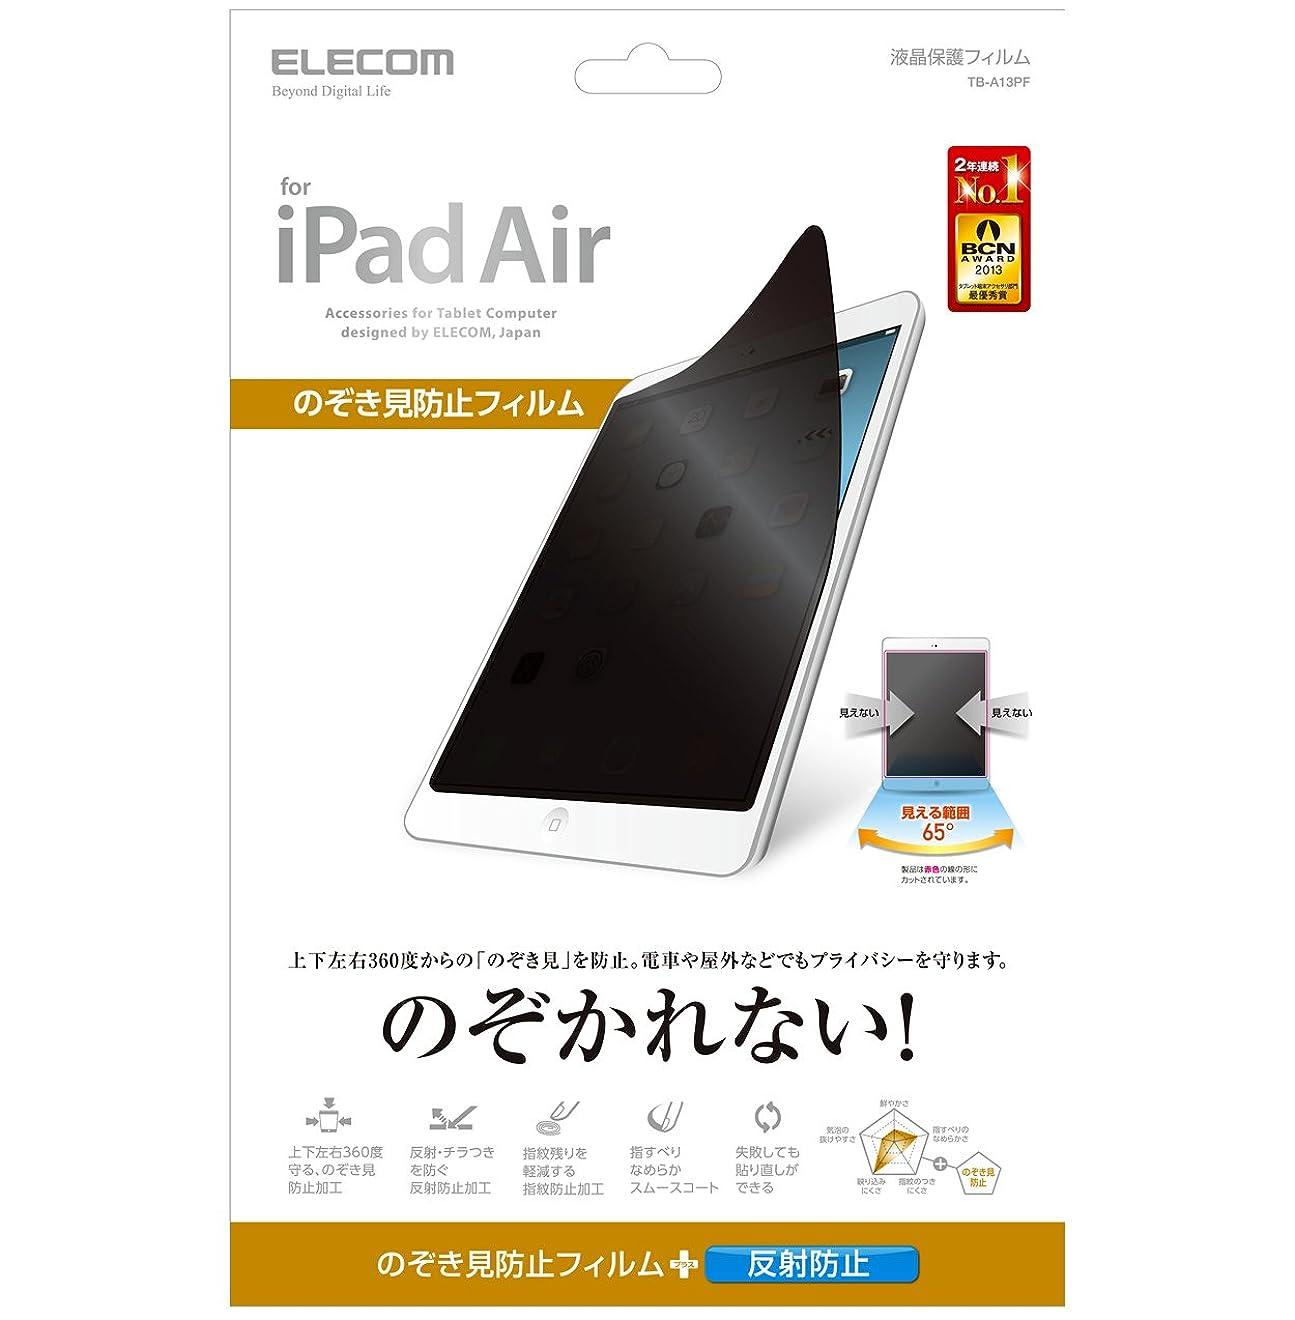 浴ピンク塩辛い【2013年モデル】ELECOM iPad Air  プライバシーフィルム TB-A13PF